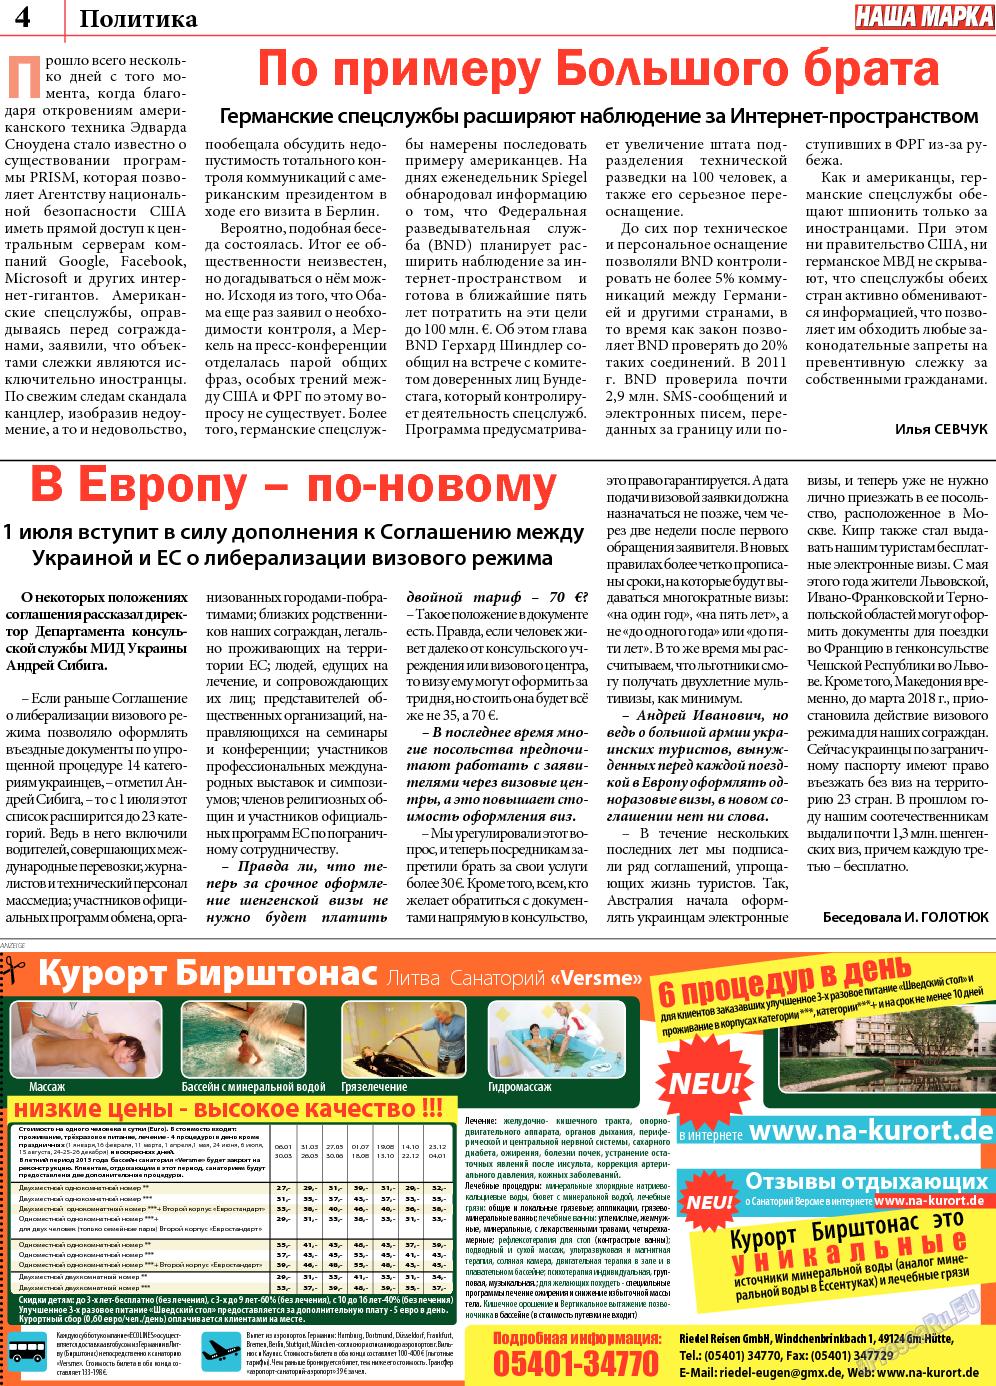 Наша марка (газета). 2013 год, номер 8, стр. 4